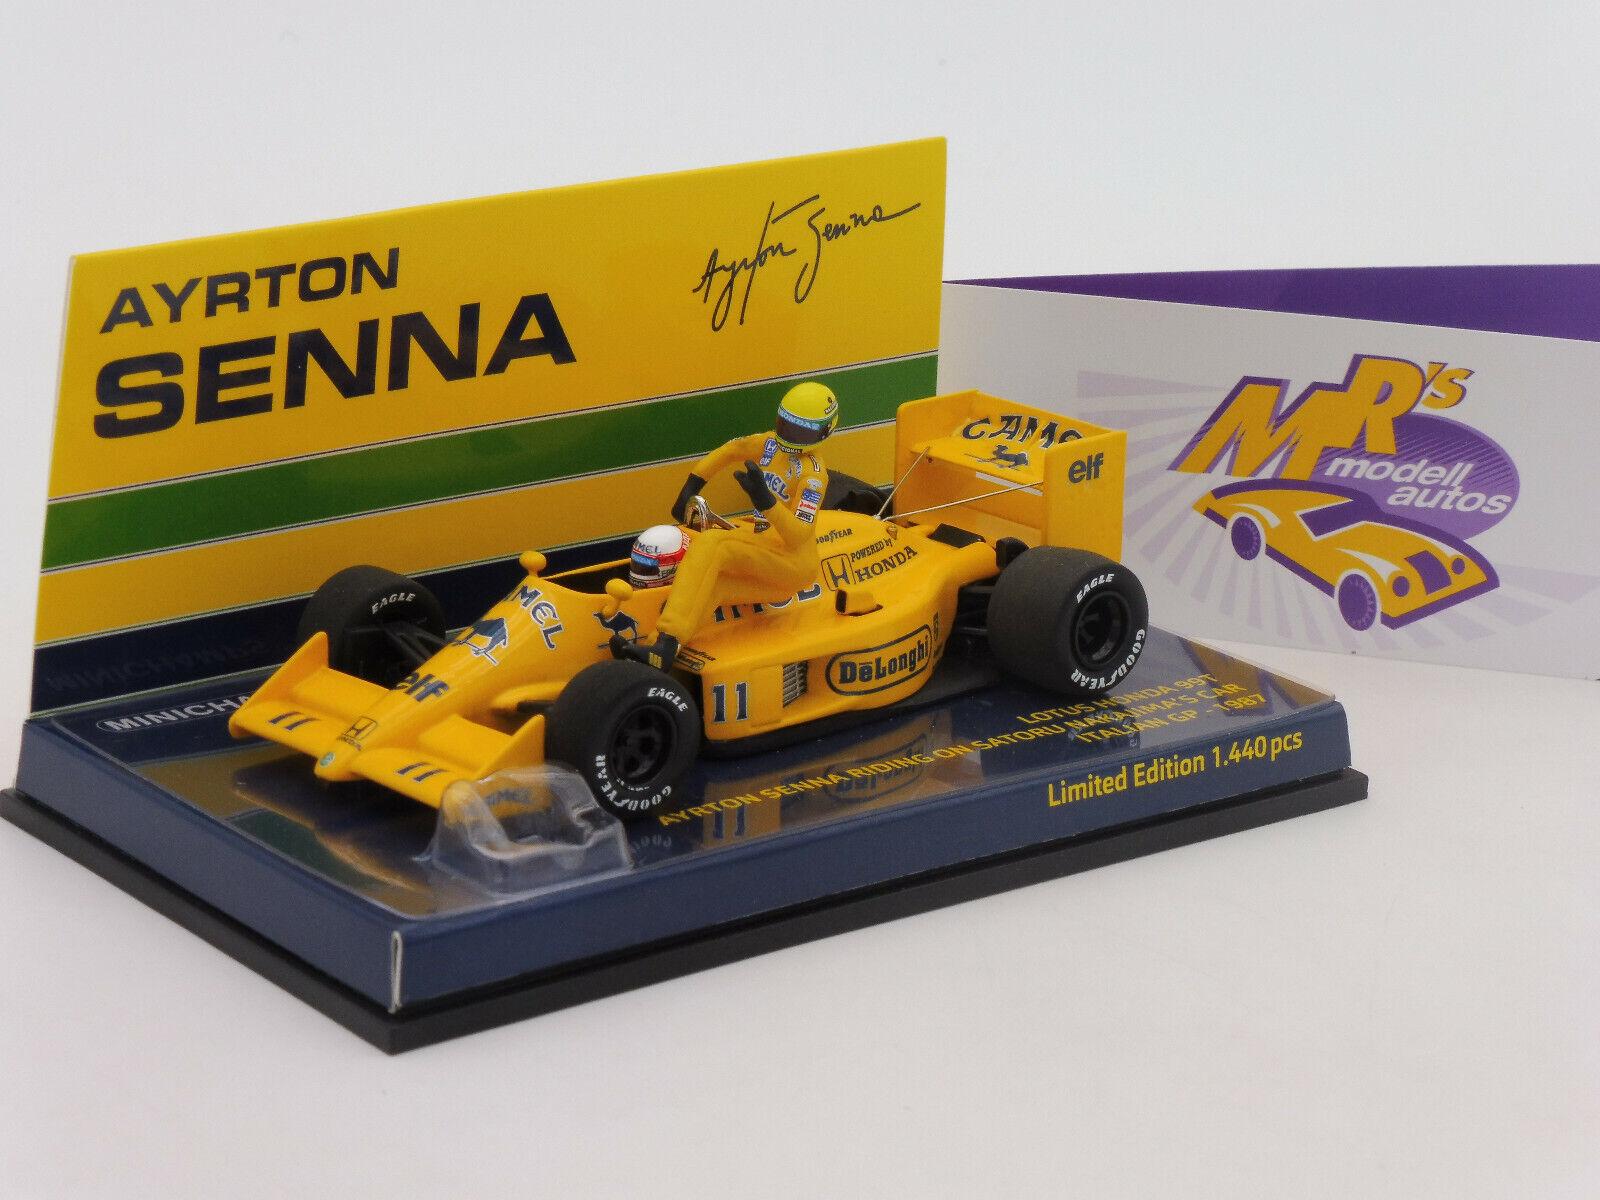 Minichamps 540874311    Lotus Honda 99T A. Senna riding on S. Nakajima  1 43  économiser jusqu'à 80%